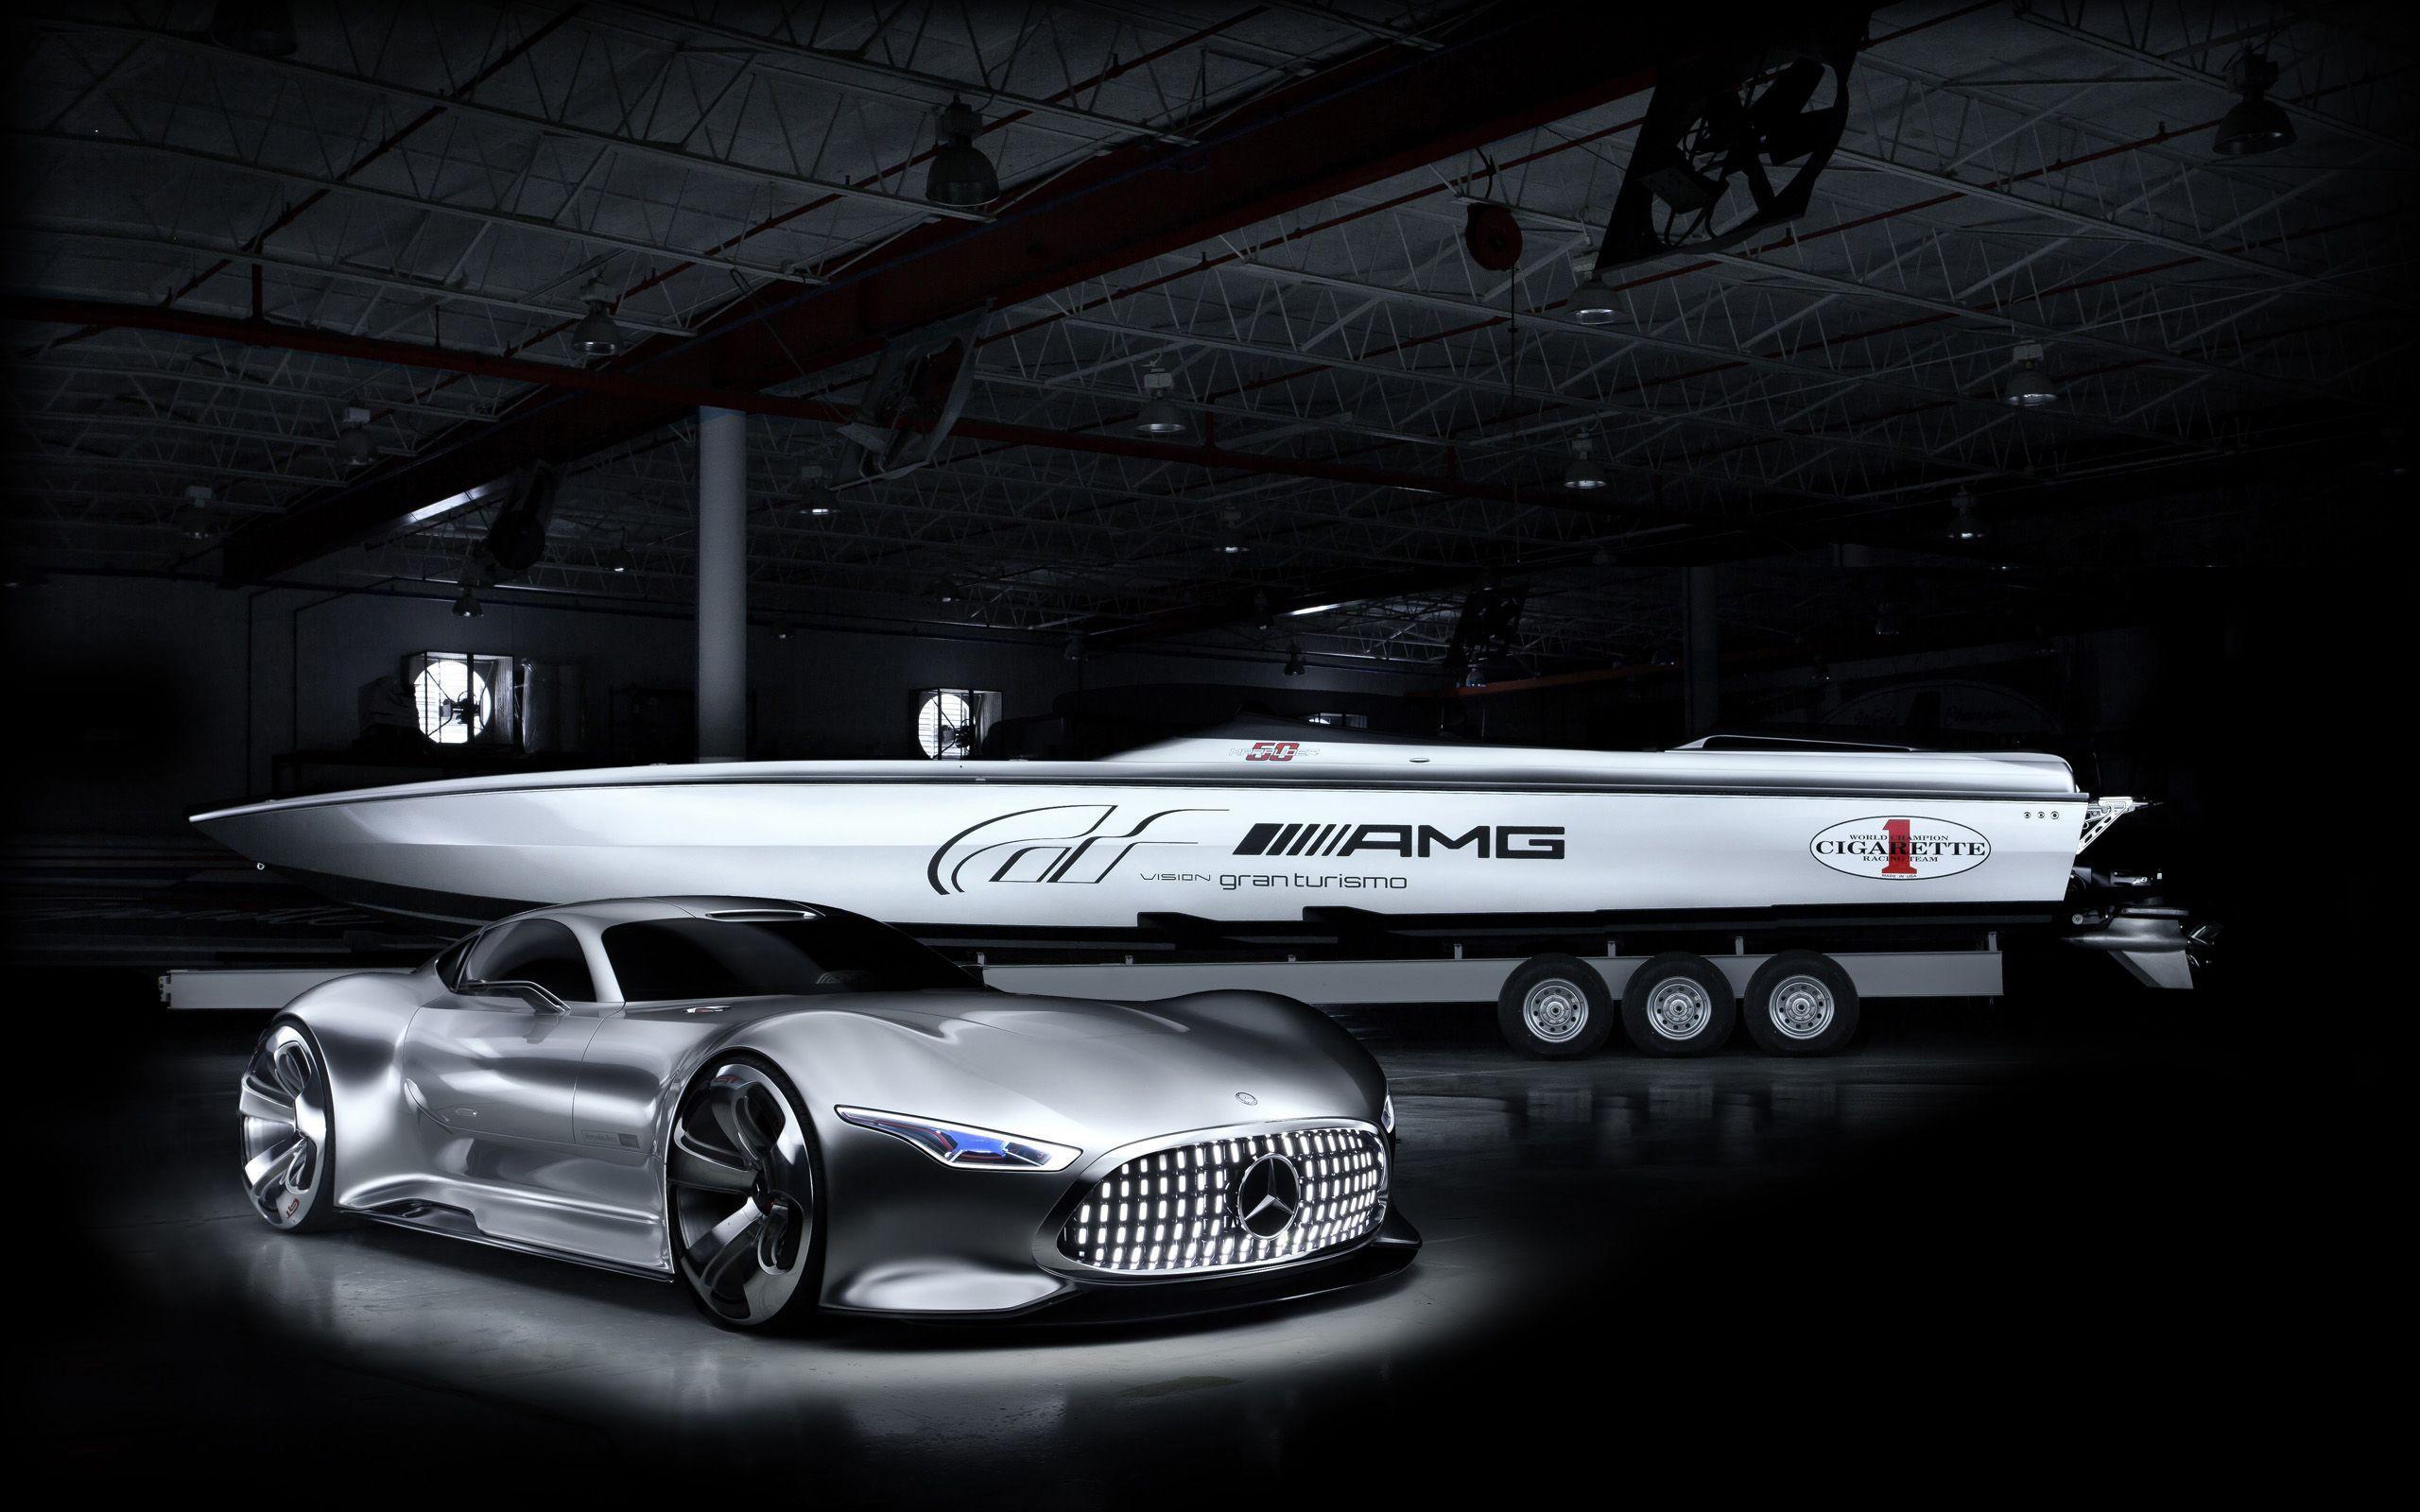 2014 Cigarette Racing Vision GT Mercedes Benz Wallpaper | HD Car ...